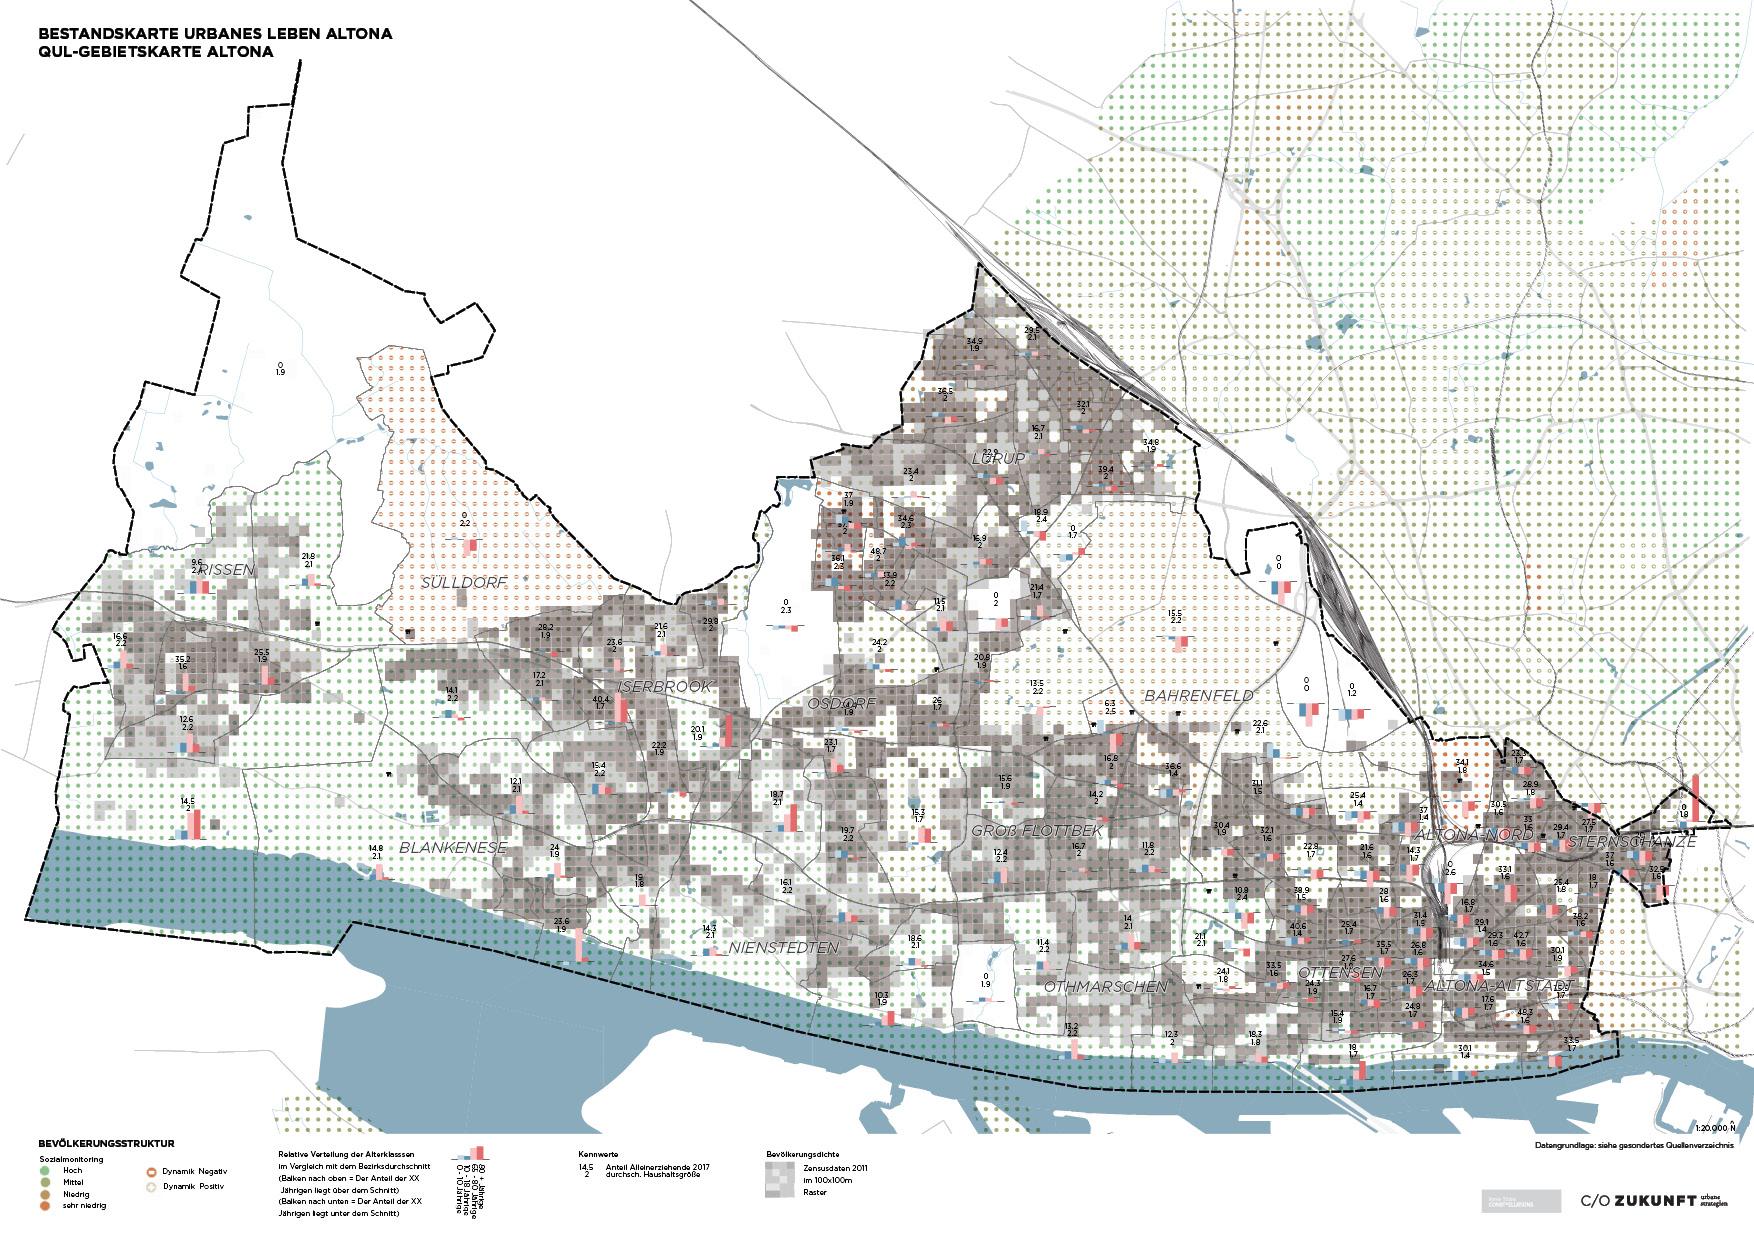 Bevölkerungstruktur in Altona